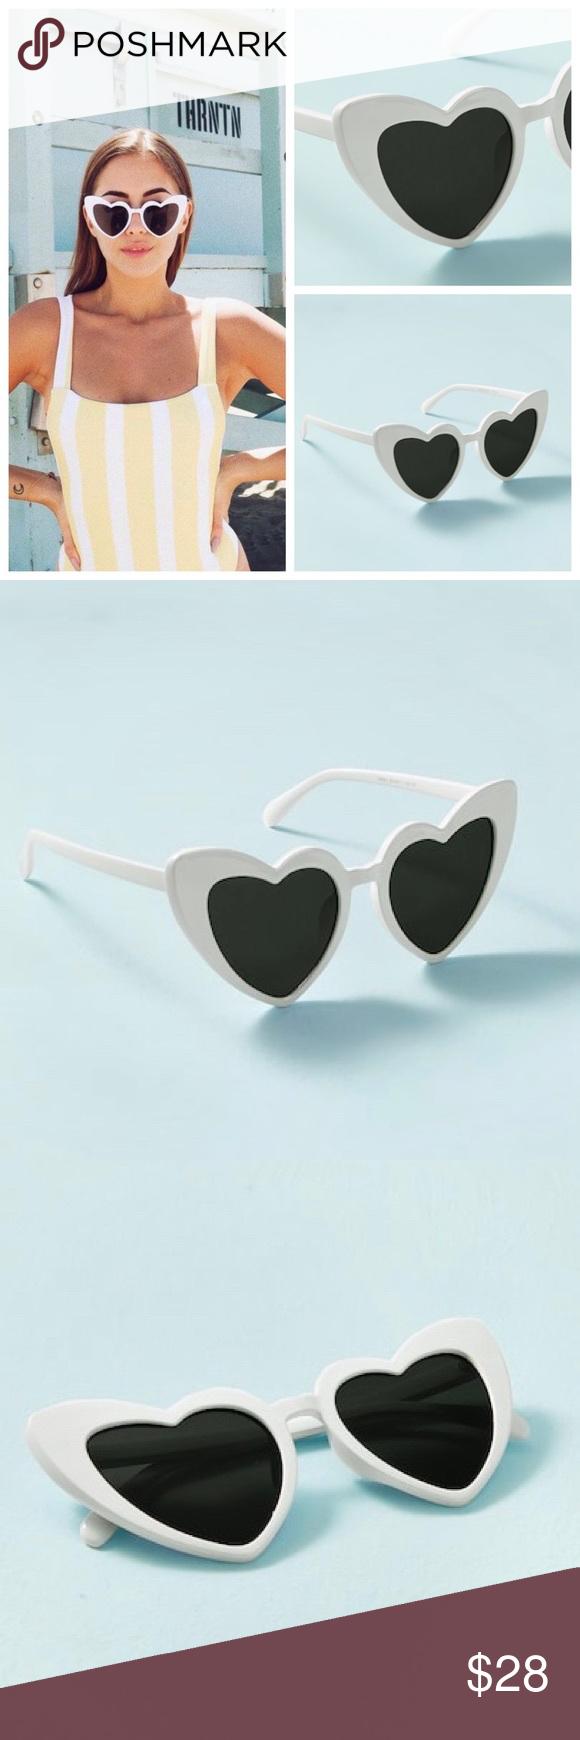 ☆ Katzenauge-Sonnenbrille mit Herzrahmen ☆ Herzrahmen in Katzenaugenform ➳ Weiß …